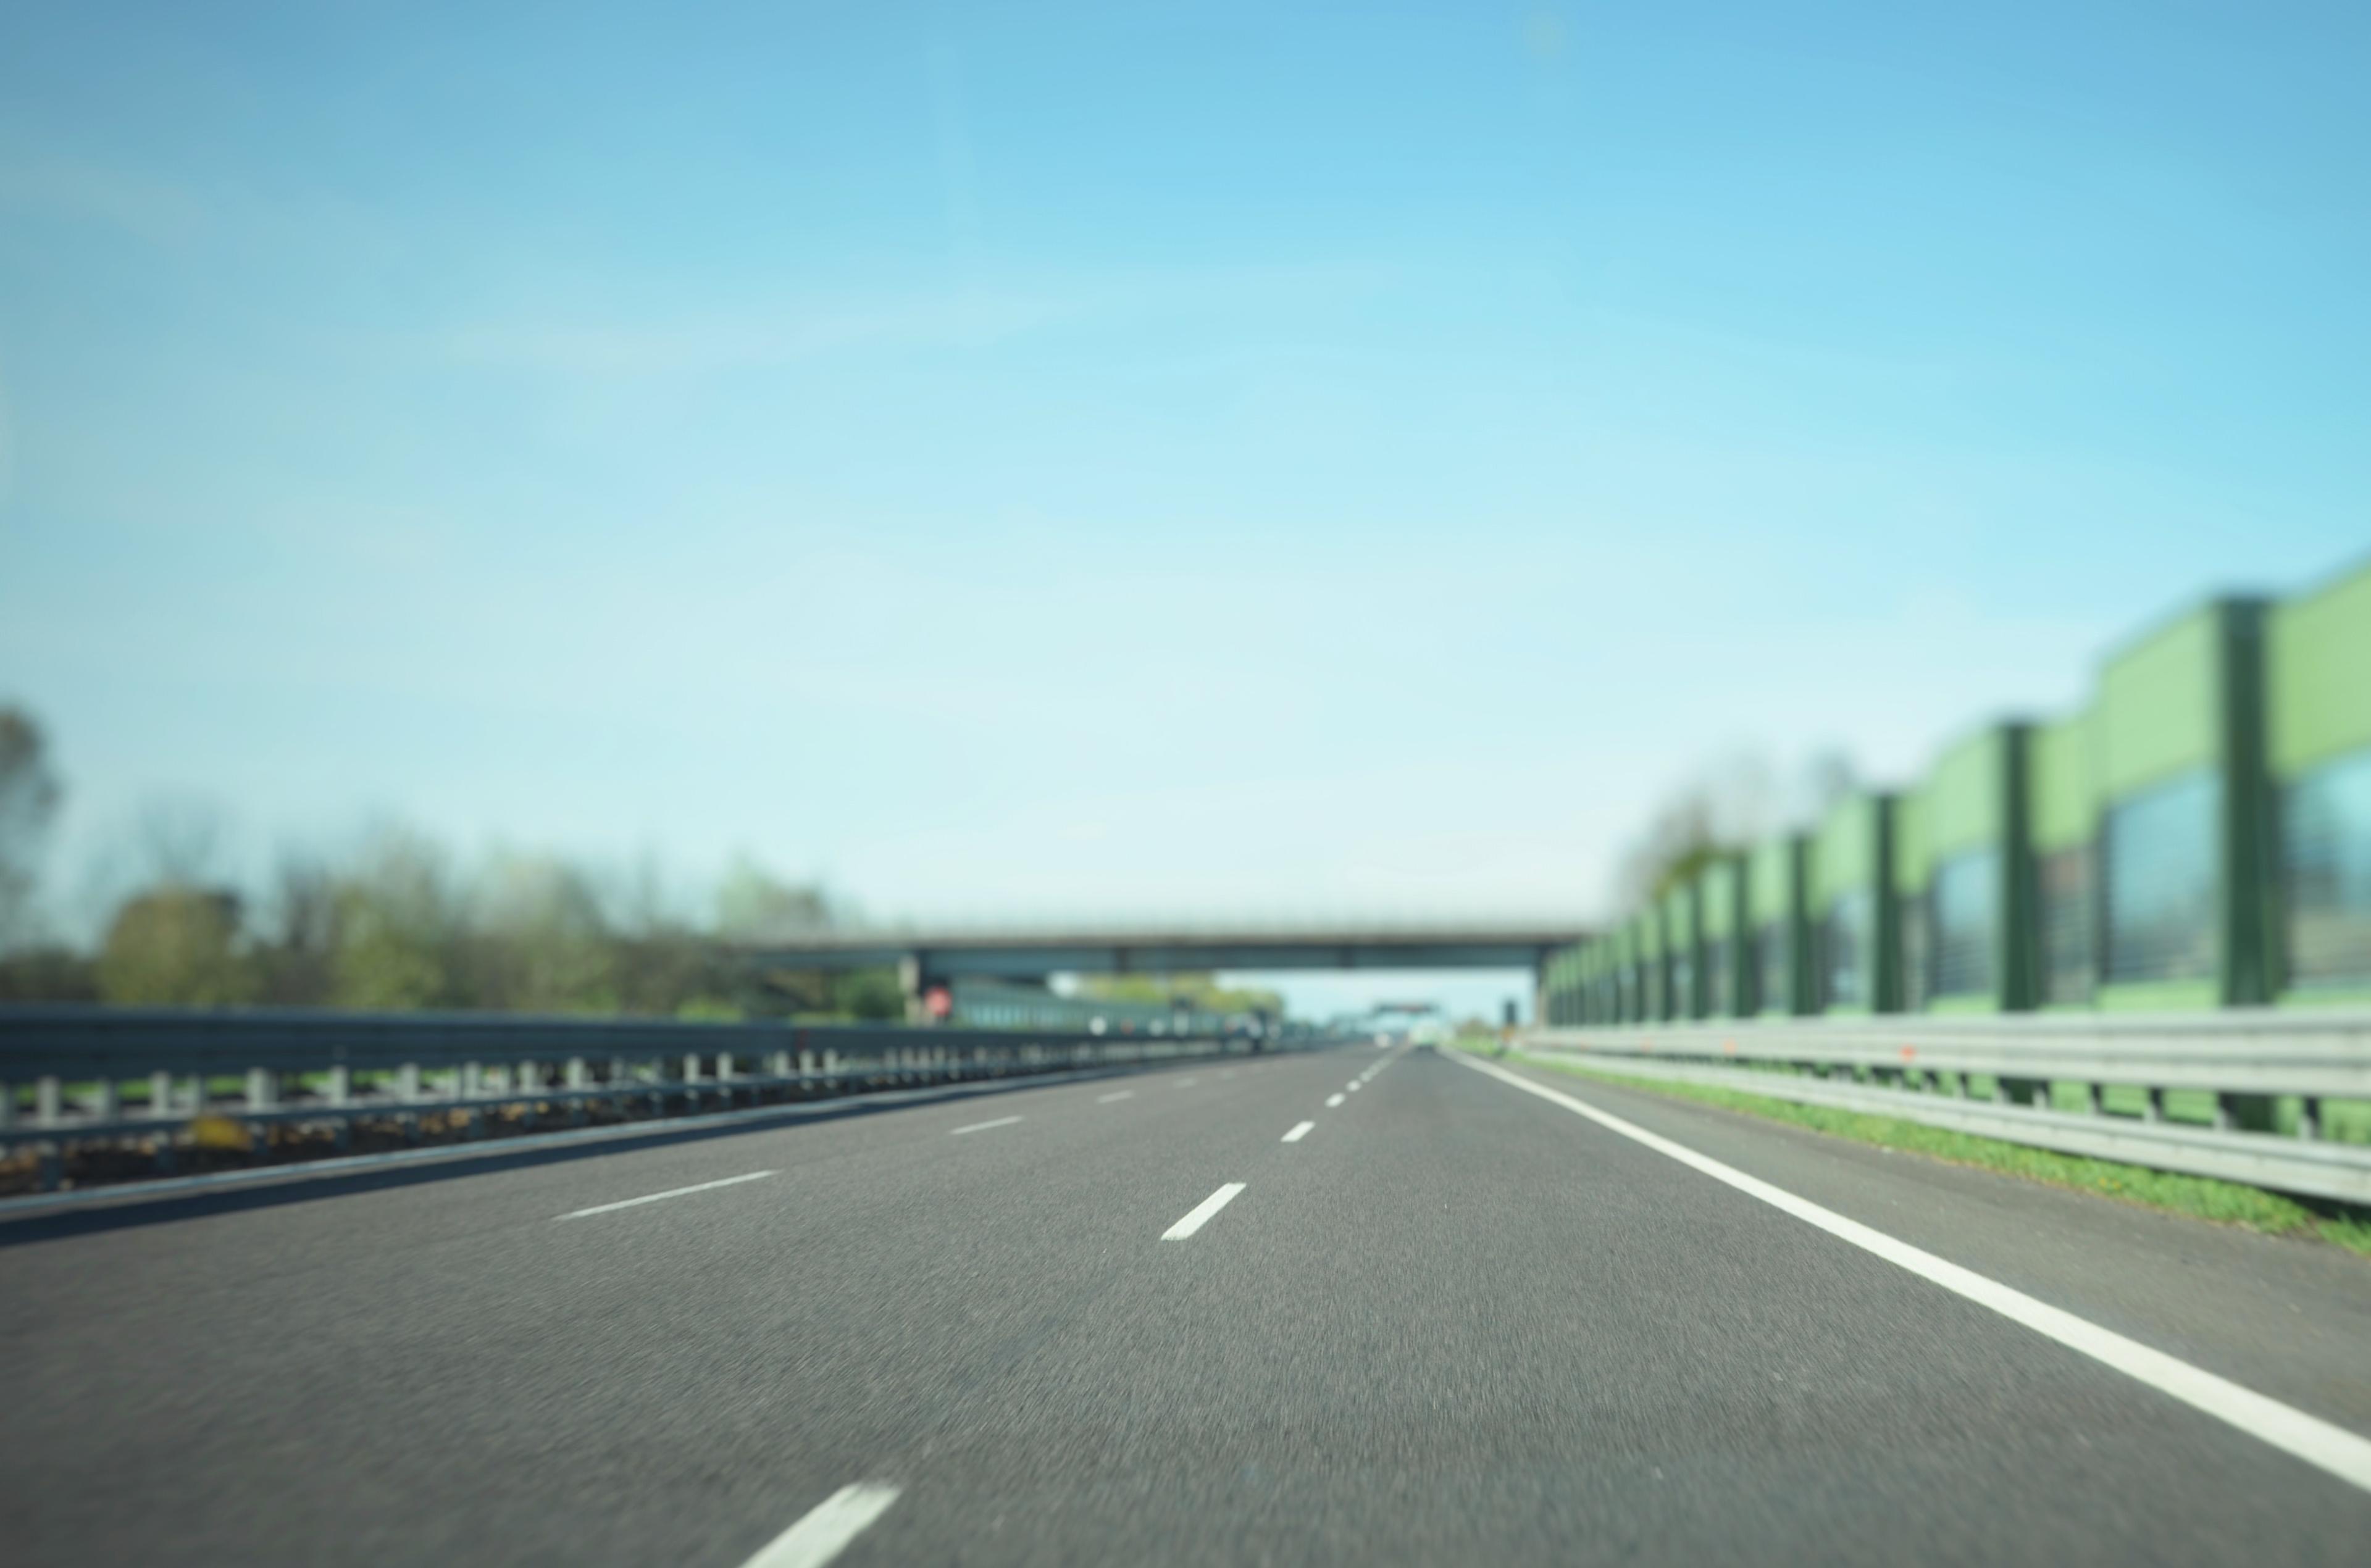 Driving on a motorway in Spain